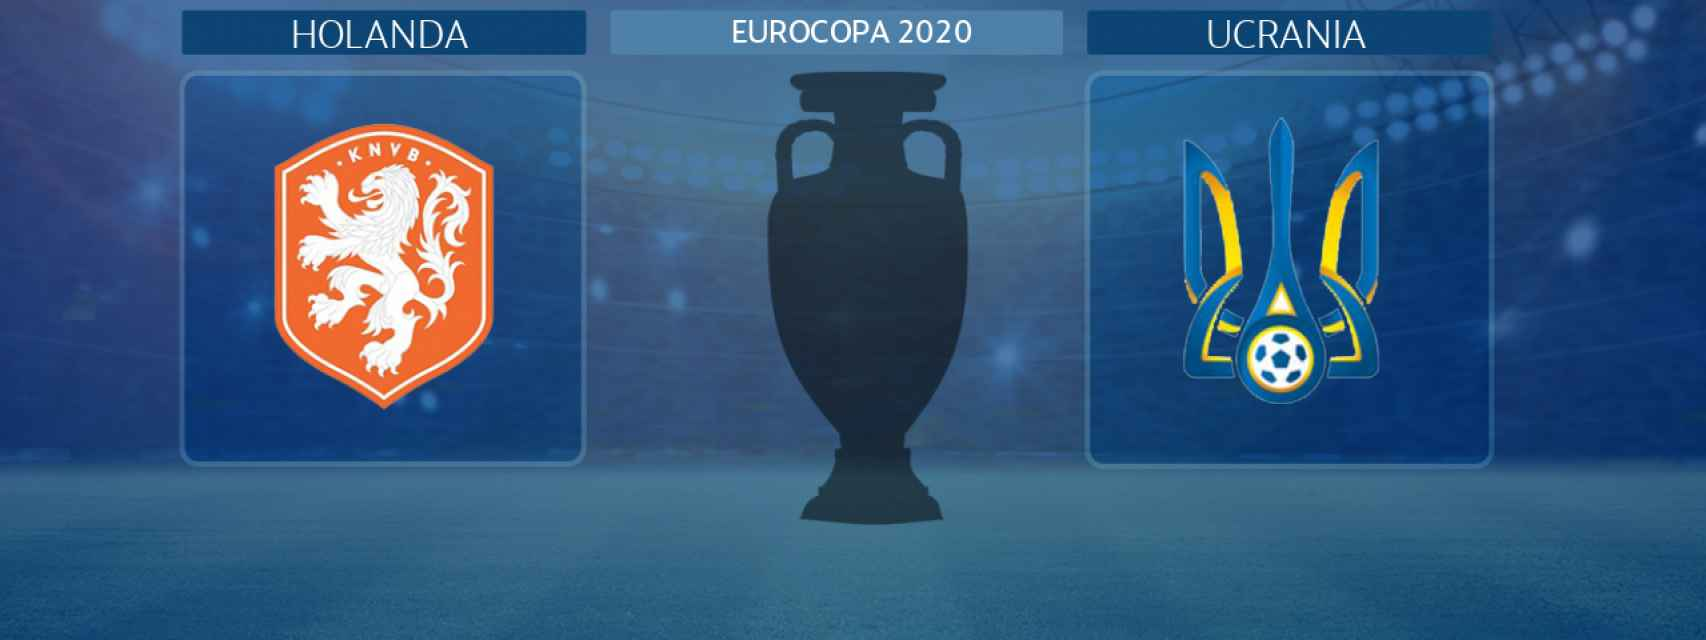 Holanda - Ucrania, partido de la Eurocopa 2020